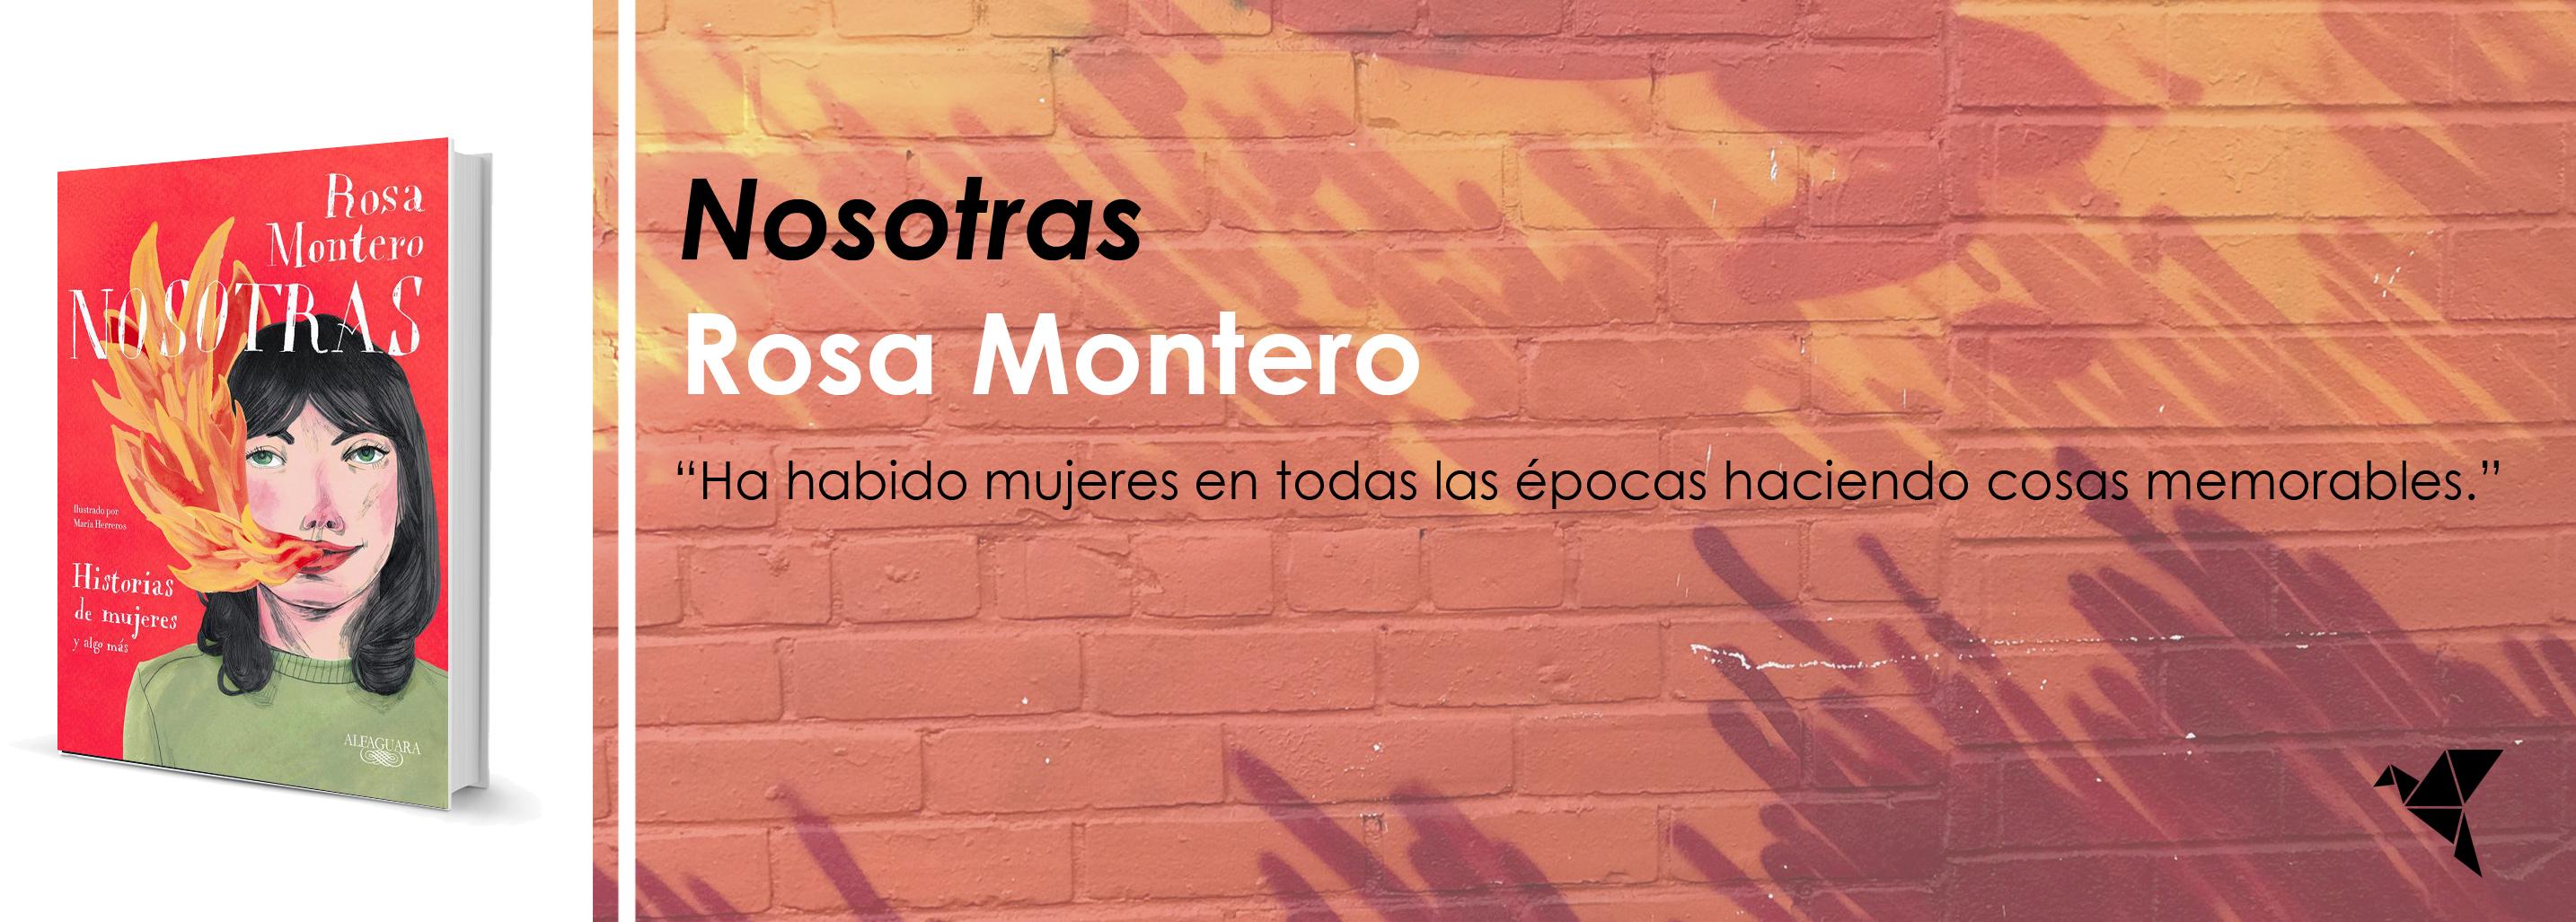 #LeoAutorasOct|Nosotras. Historias de mujeres y algo más, de Rosa Montero